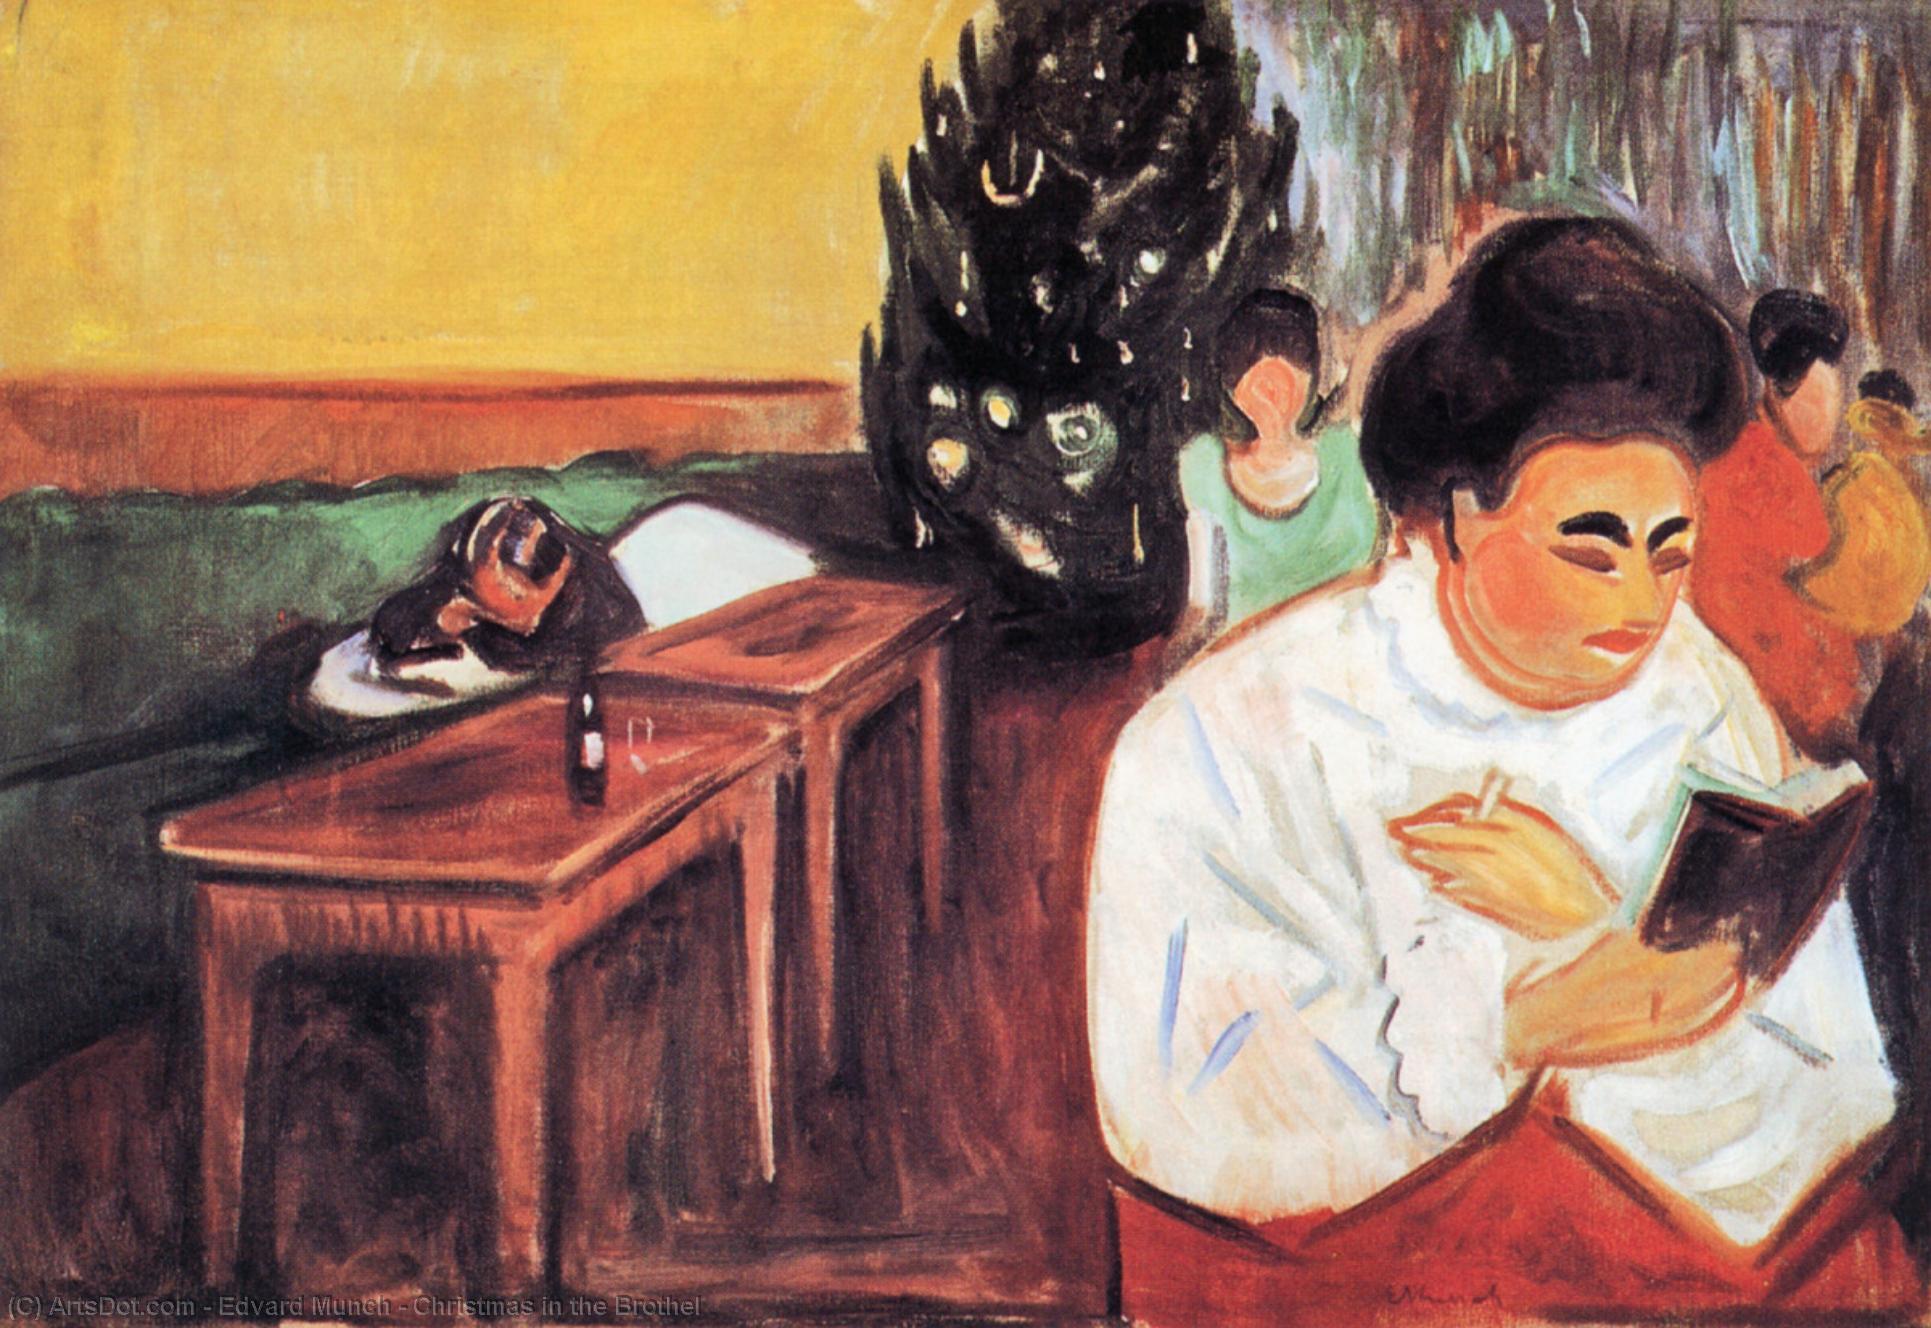 Wikioo.org - Bách khoa toàn thư về mỹ thuật - Vẽ tranh, Tác phẩm nghệ thuật Edvard Munch - Christmas in the Brothel